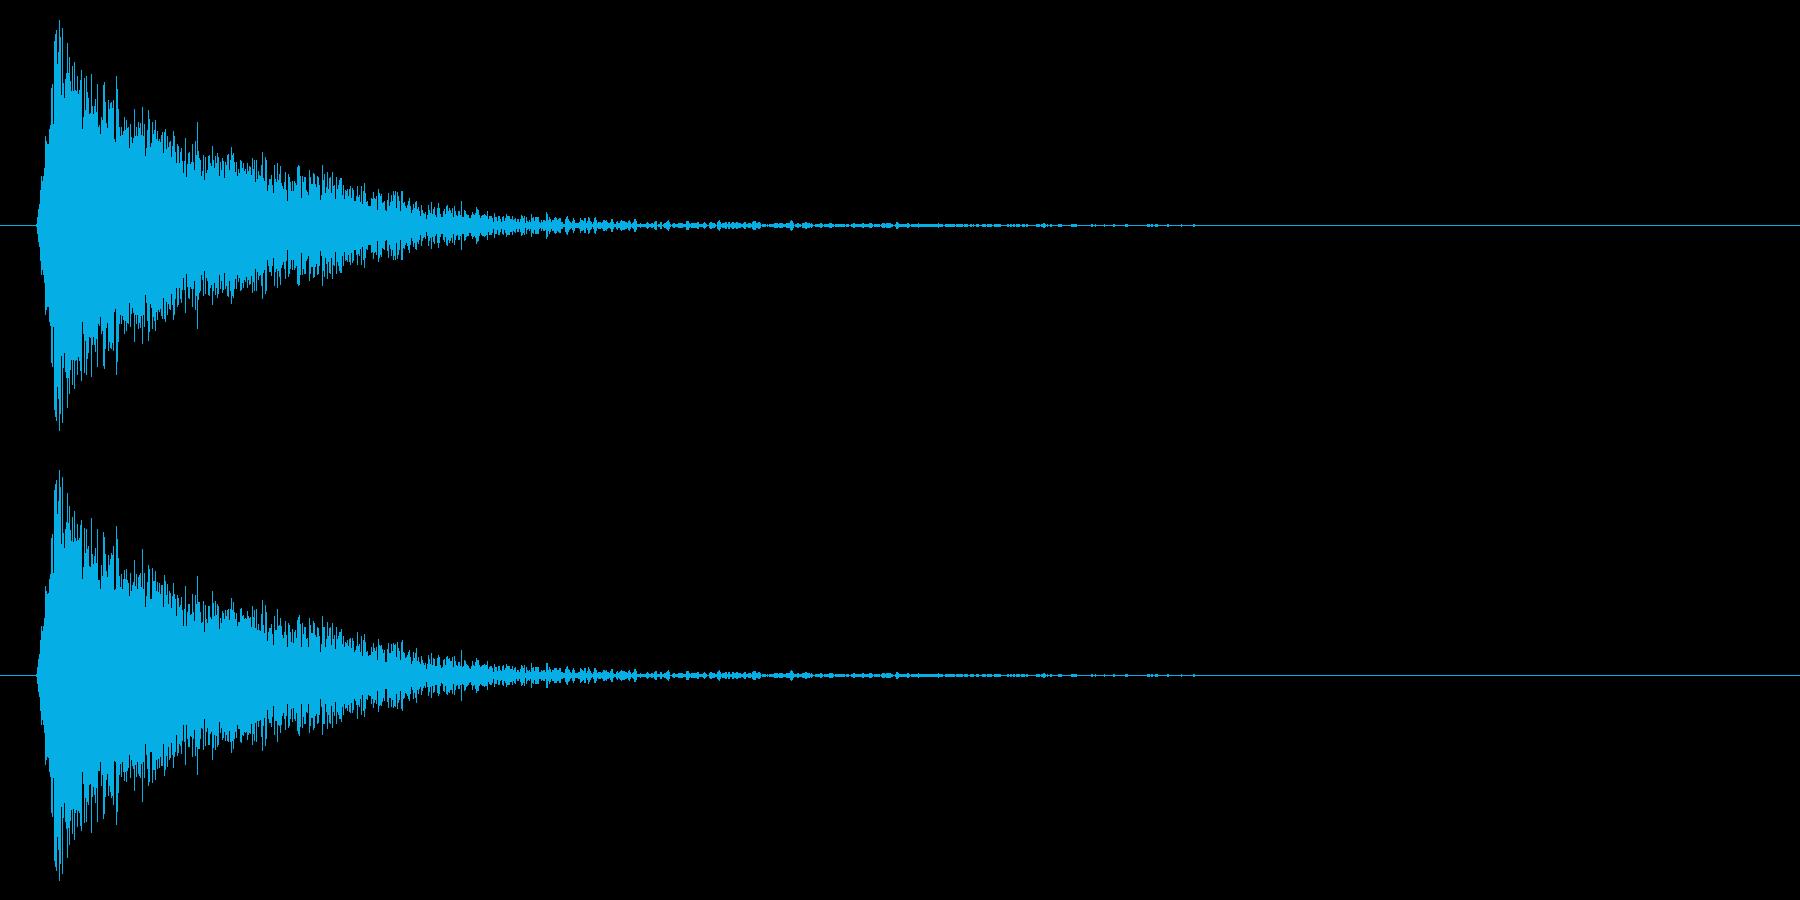 シューン!(敵消滅/撃破)の再生済みの波形